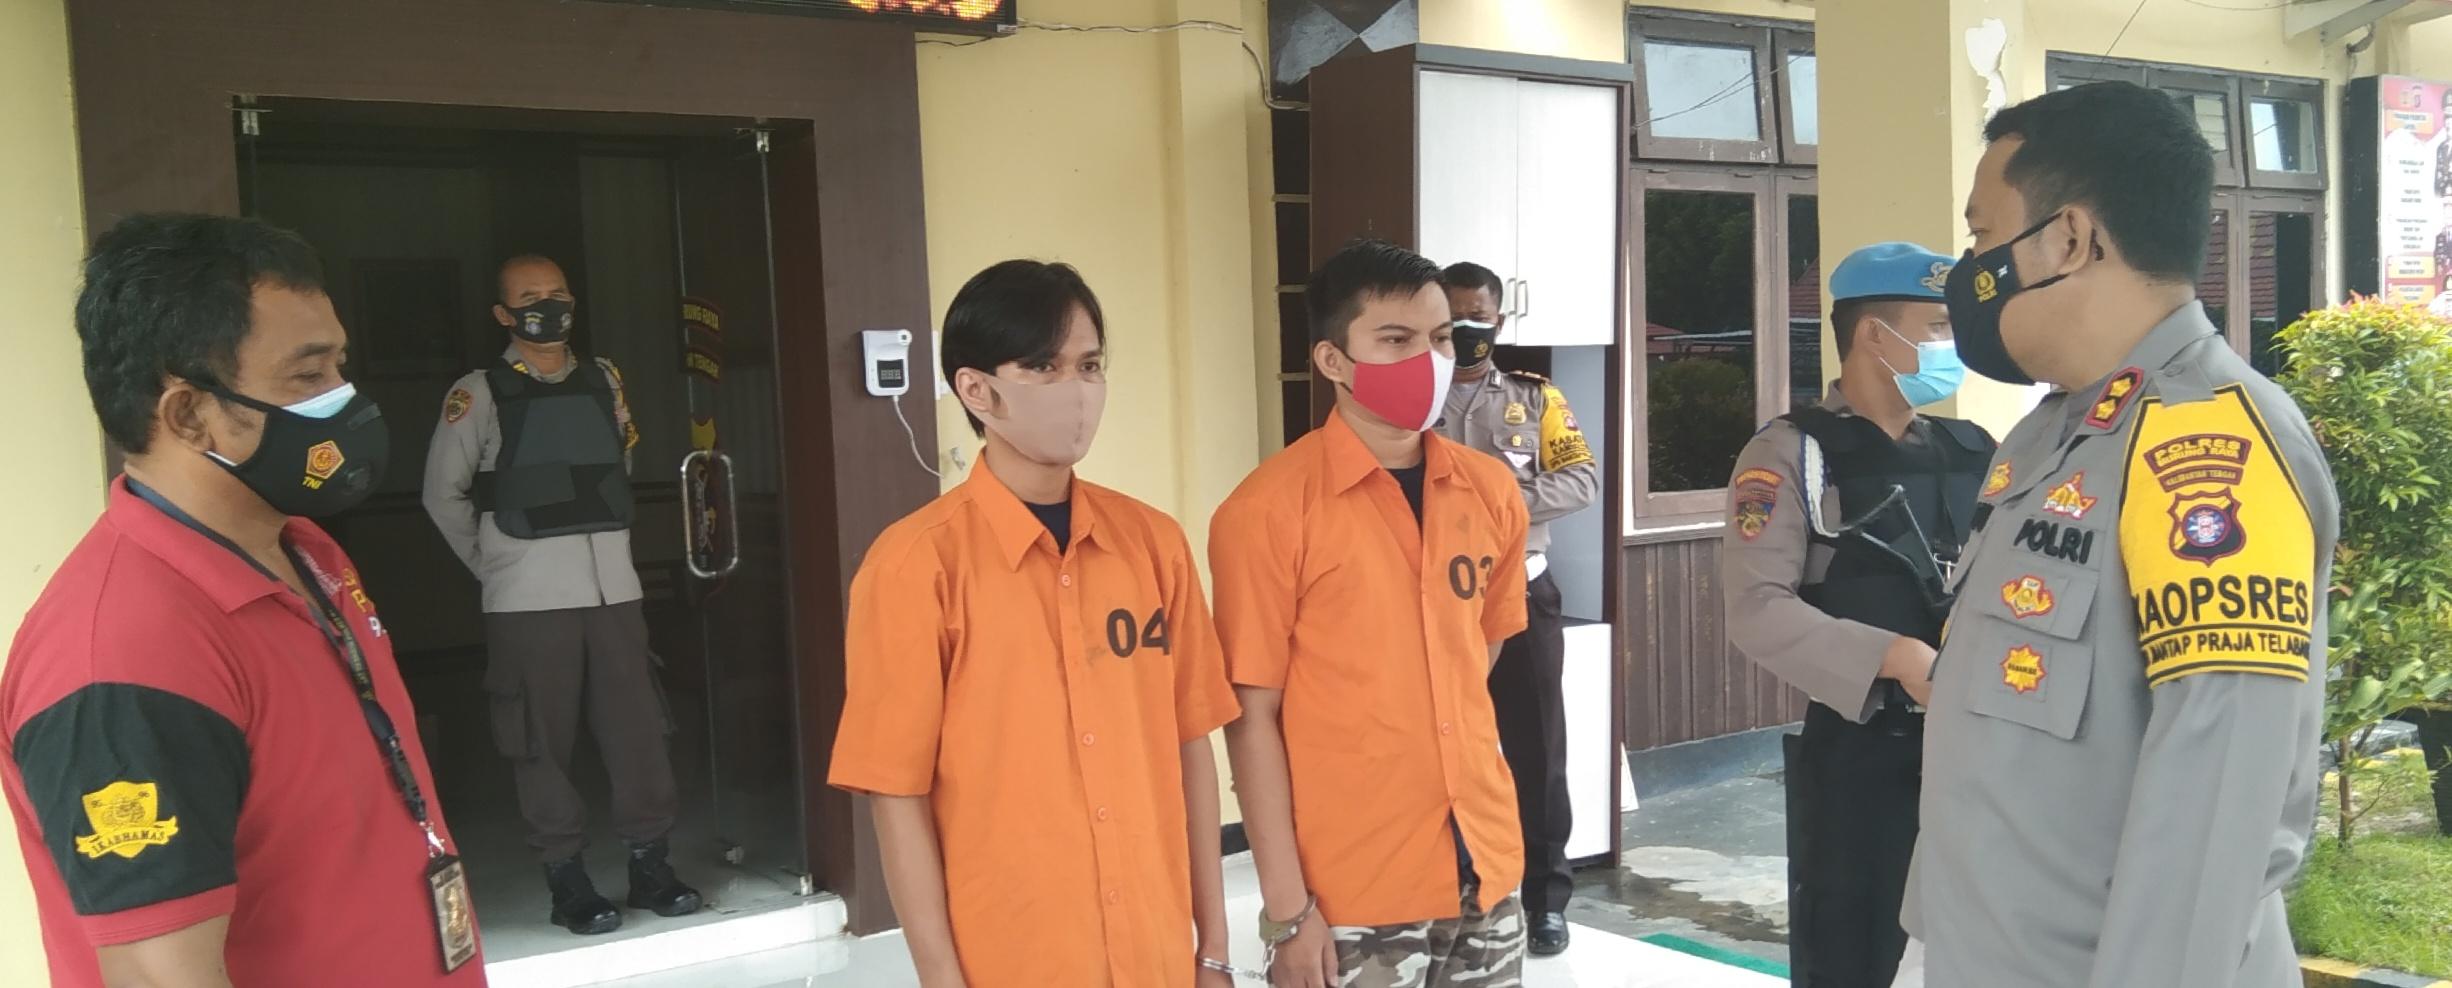 Dua pelaku persetubuhan terhadap anak dibawah umur yang berhasil diamankan Polres Mura